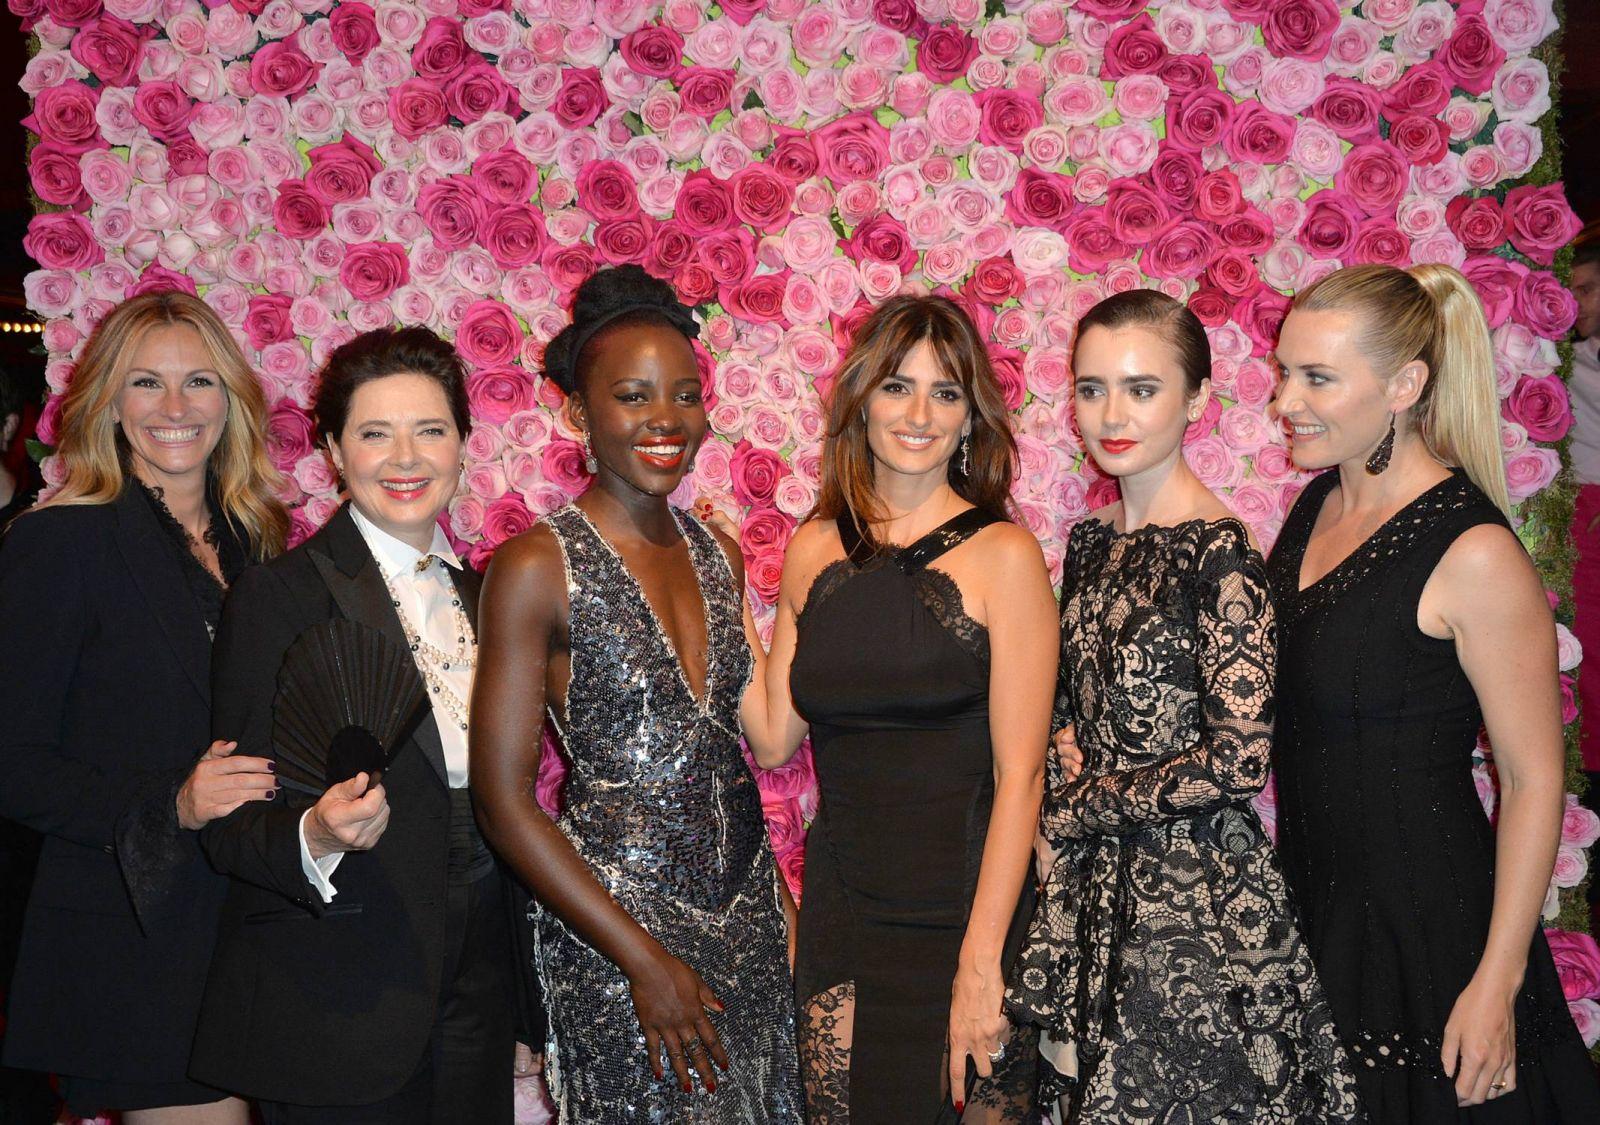 Главная вечеринка, посвященная 80-летию Lancôme, прошла в Париже